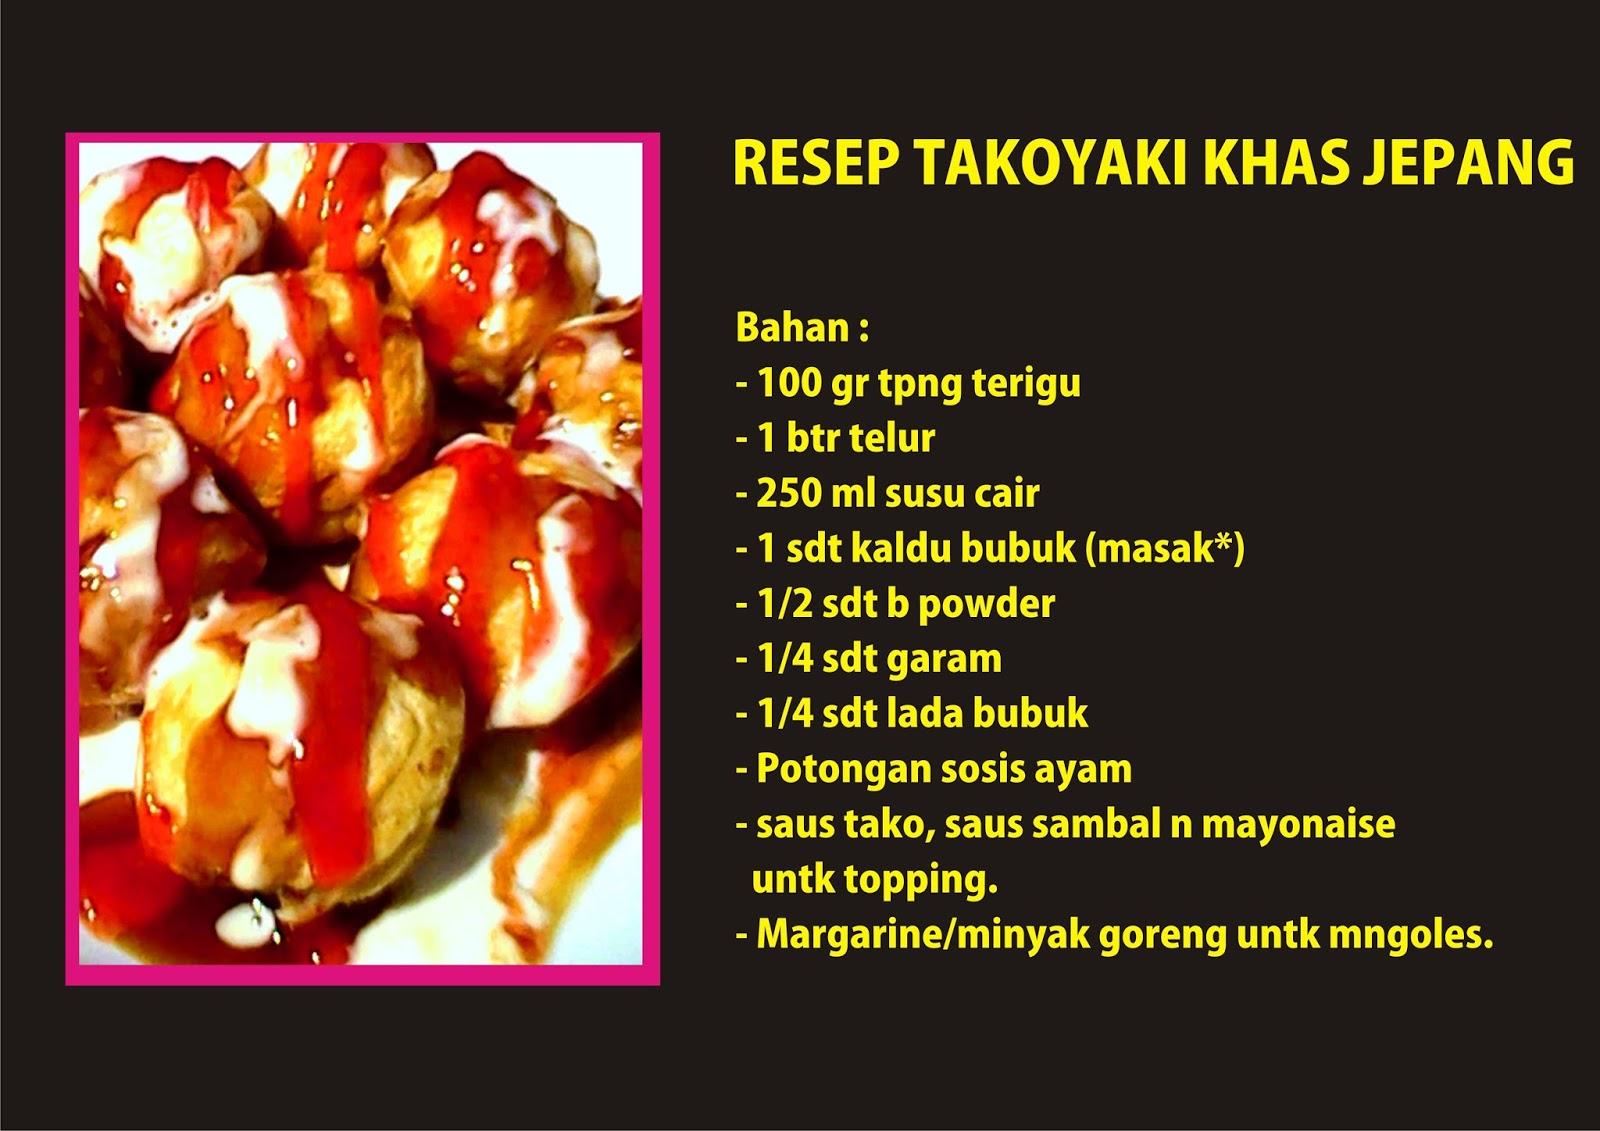 Resep Kue Jepang Takoyaki: Resep Rumahan Takoyaki Khas Jepang